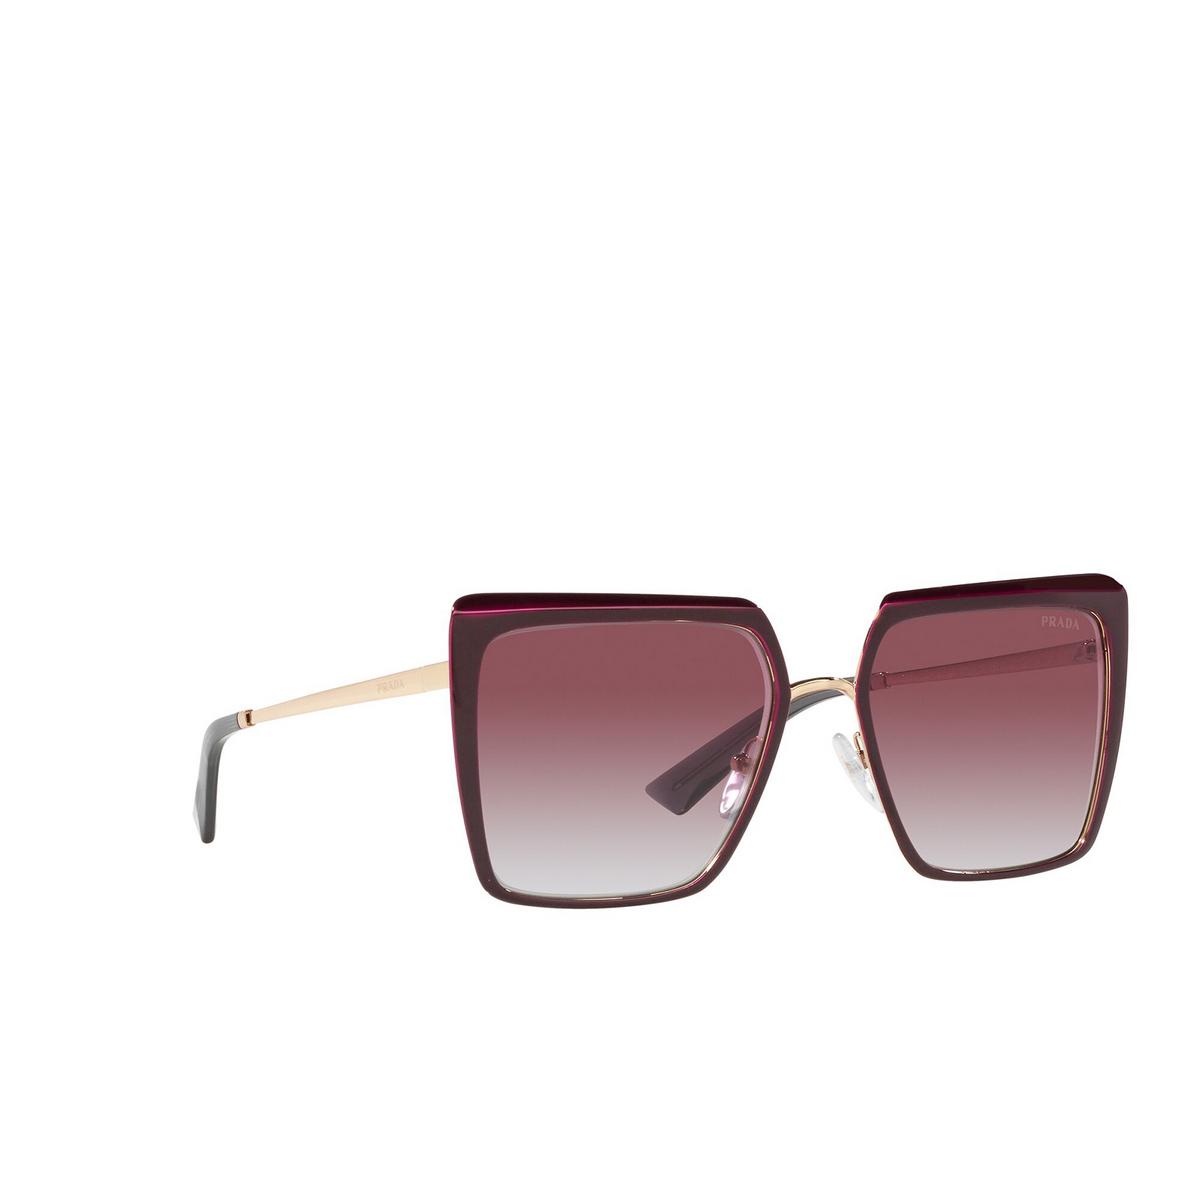 Prada® Square Sunglasses: PR 58WS color Garnet VIY412 - three-quarters view.